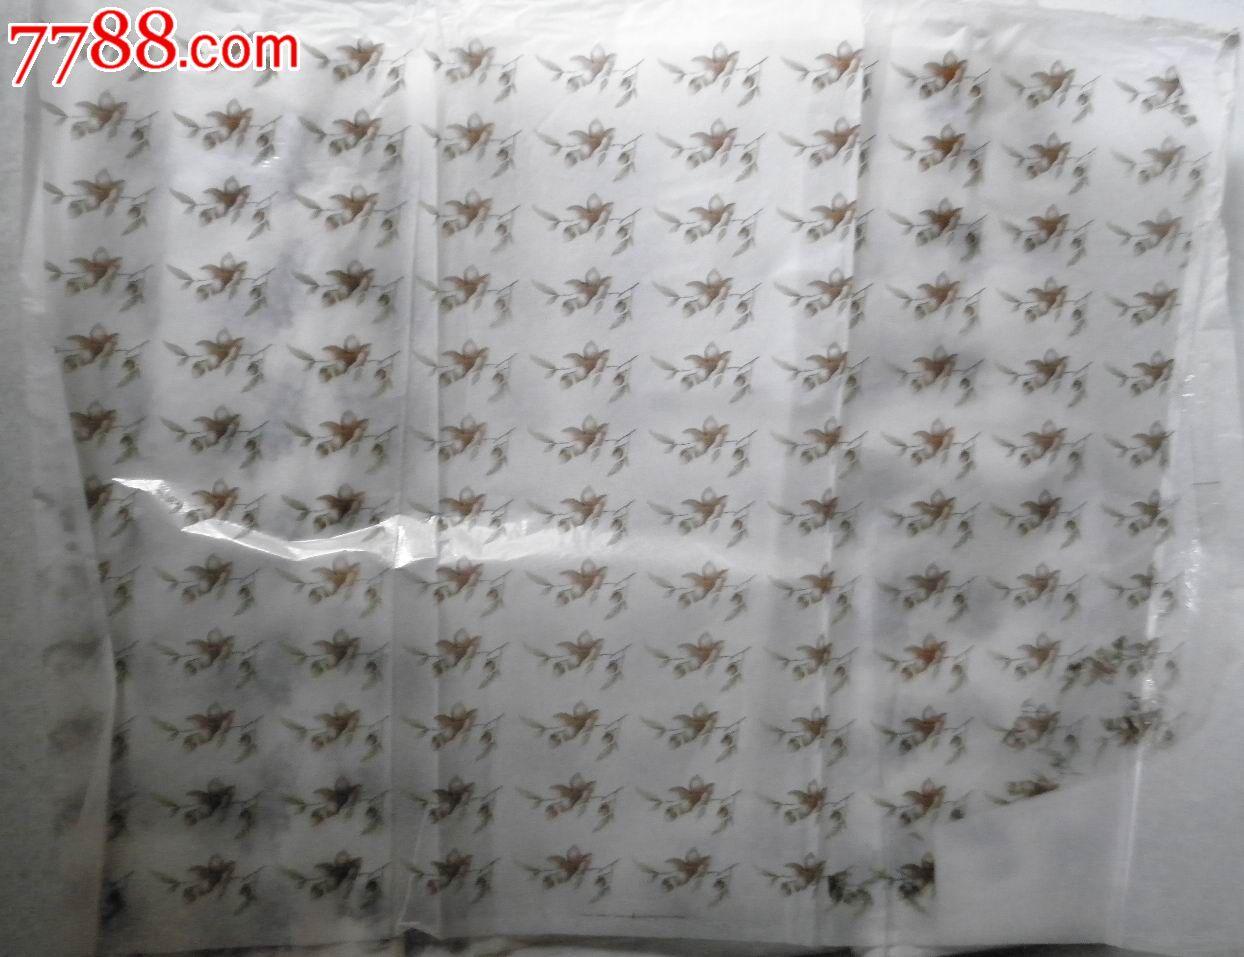 陶瓷贴花纸--花朵_价格1元_第1张_中国收藏热线